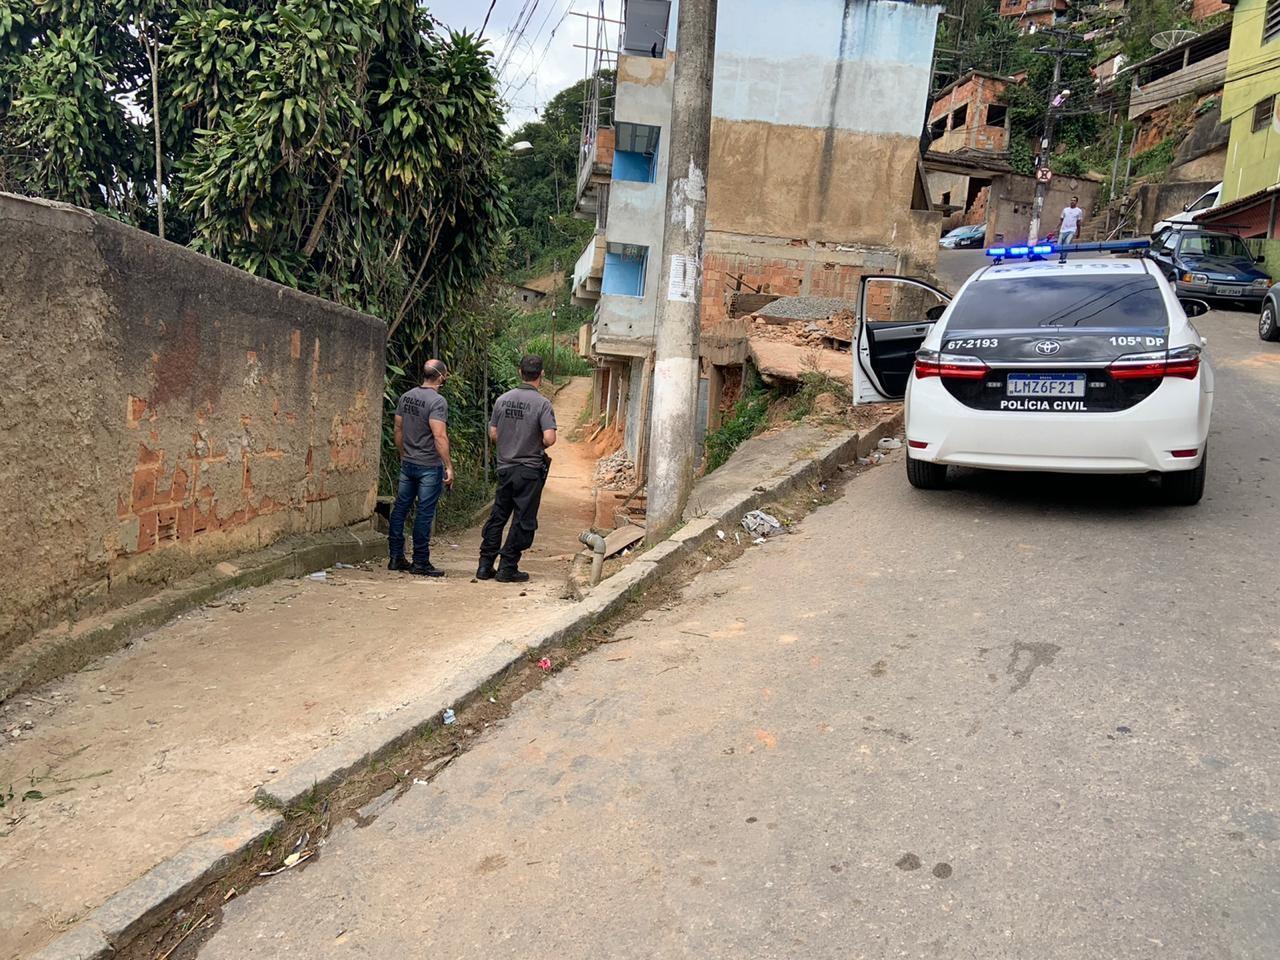 Suspeito de matar idosa com enxada e tampa de panela após briga por lixo se entrega a polícia em Petrópolis, no RJ